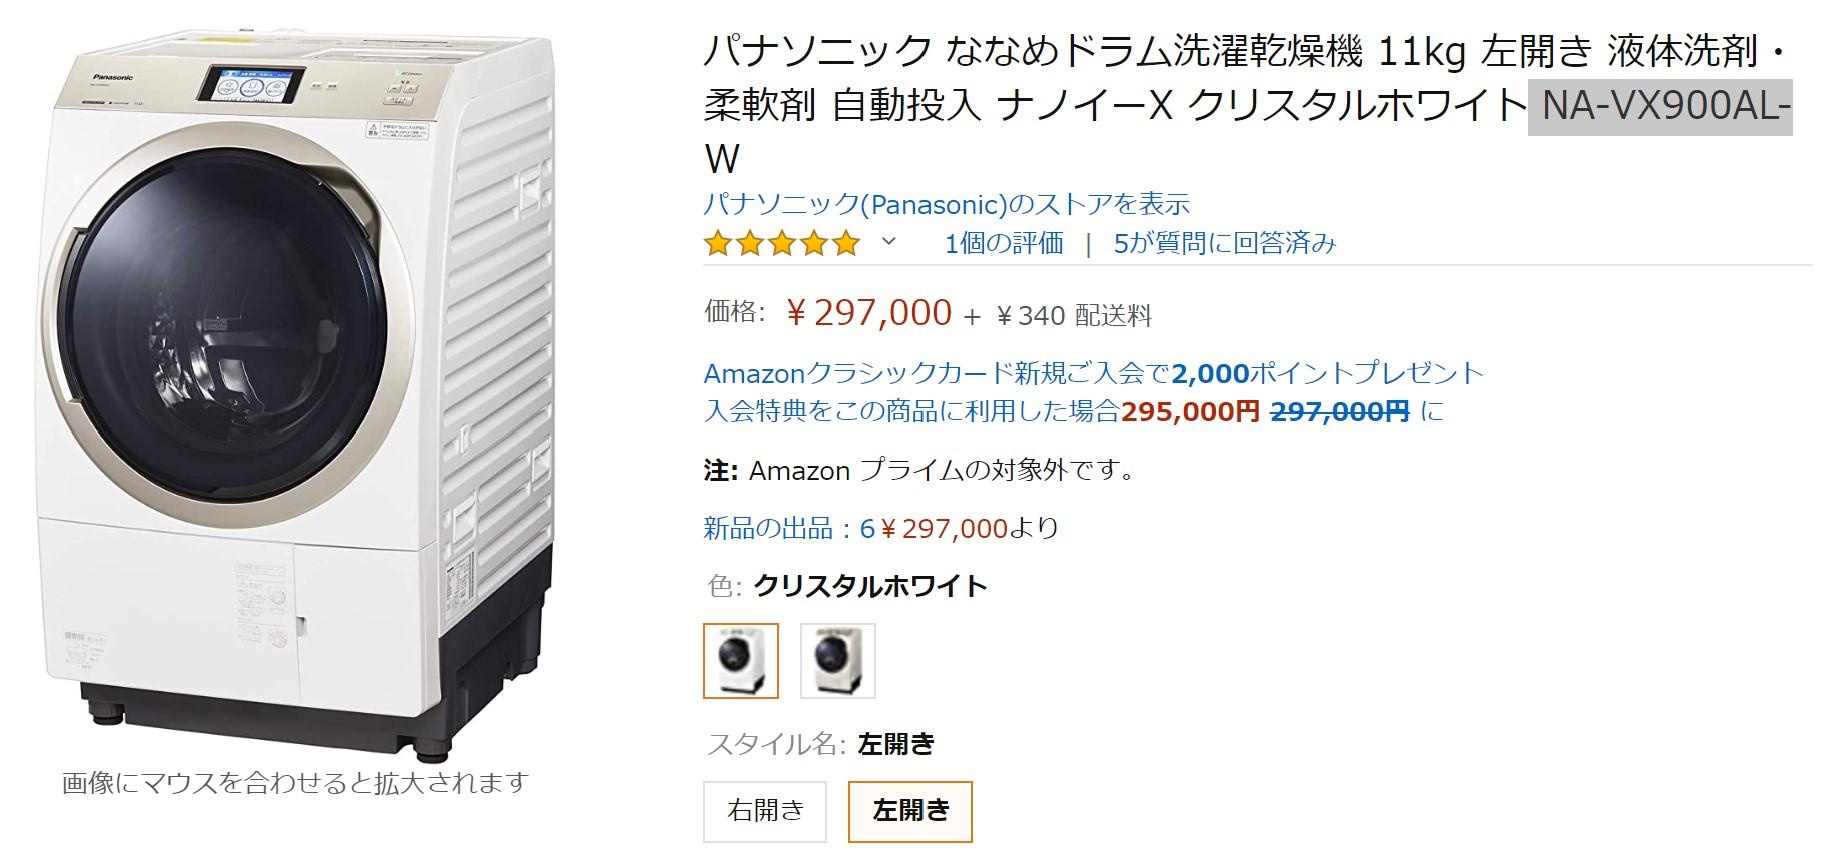 Panasonic NA-VX900ALの価格相場